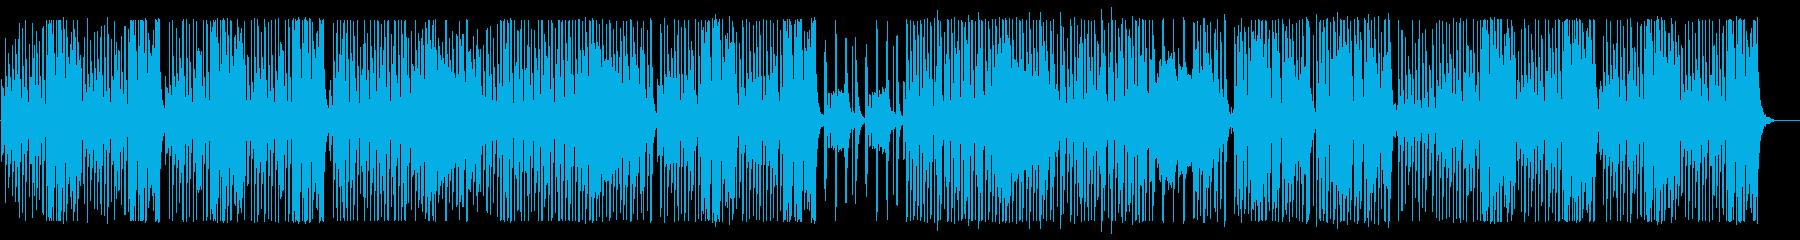 緩やかで優雅なクラシカルワルツ風BGMの再生済みの波形